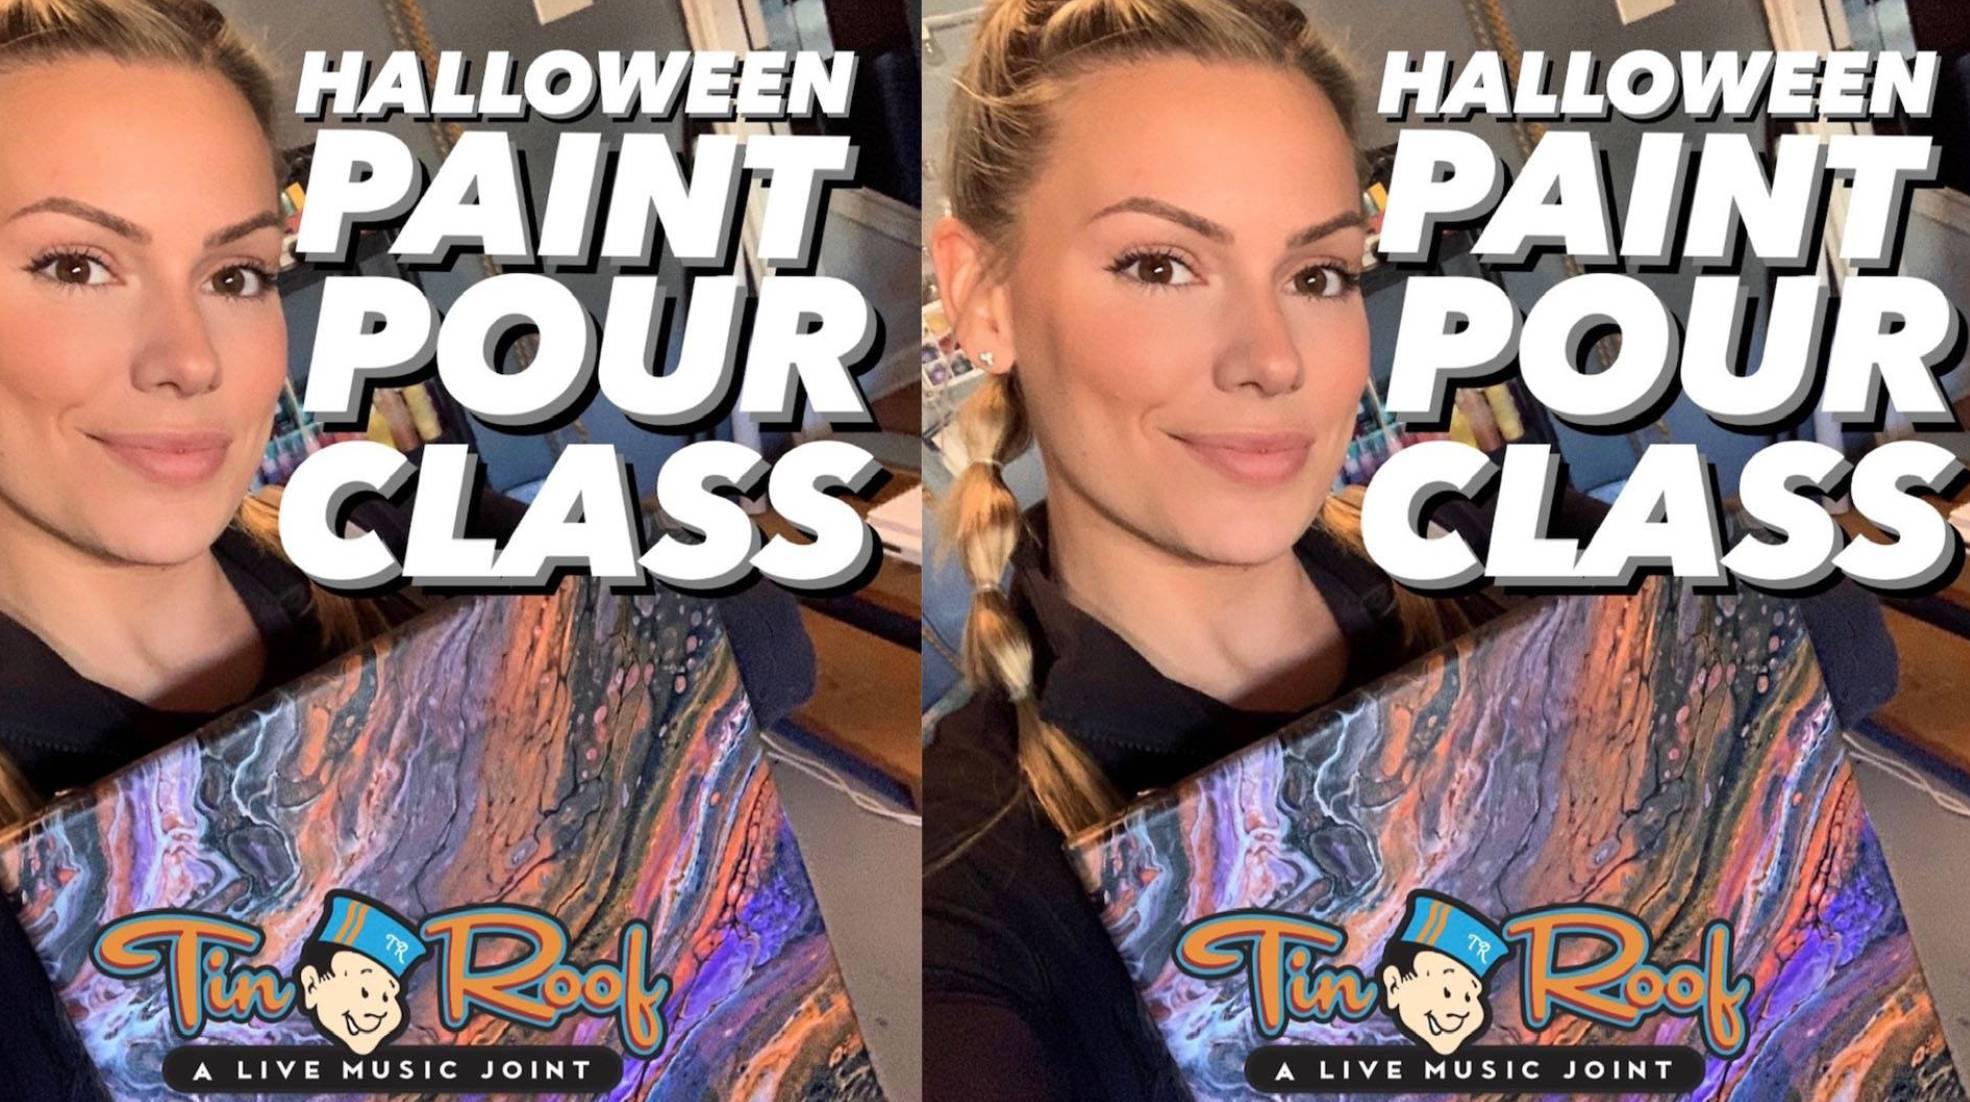 Halloween Paint Pour Class